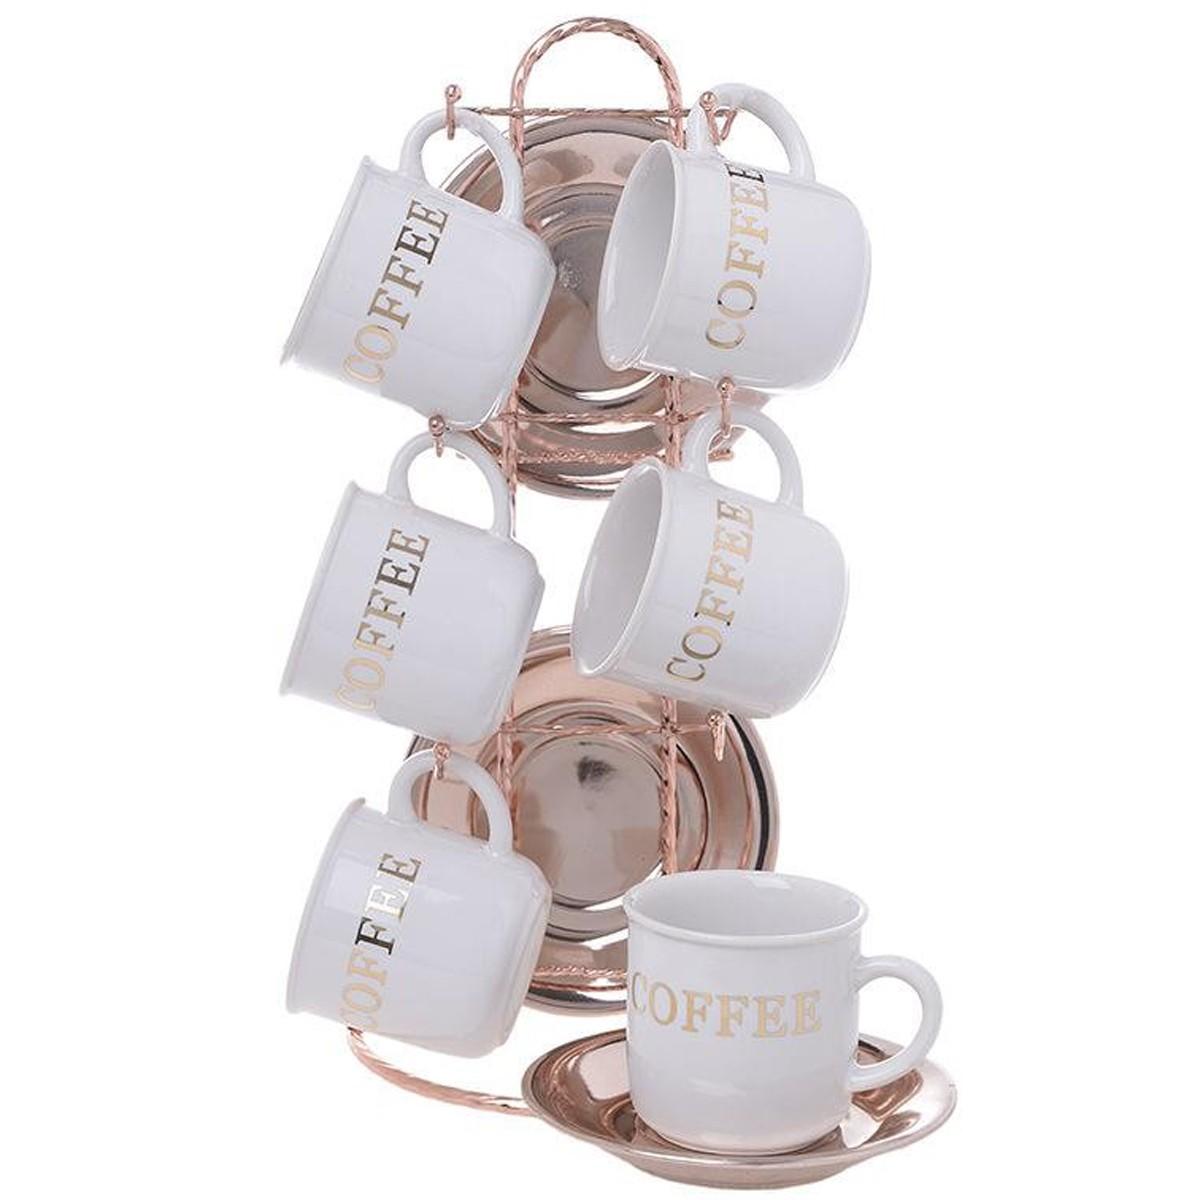 Φλυτζάνια Καφέ + Πιατάκια (Σετ 6τμχ) InArt 3-60-931-0104